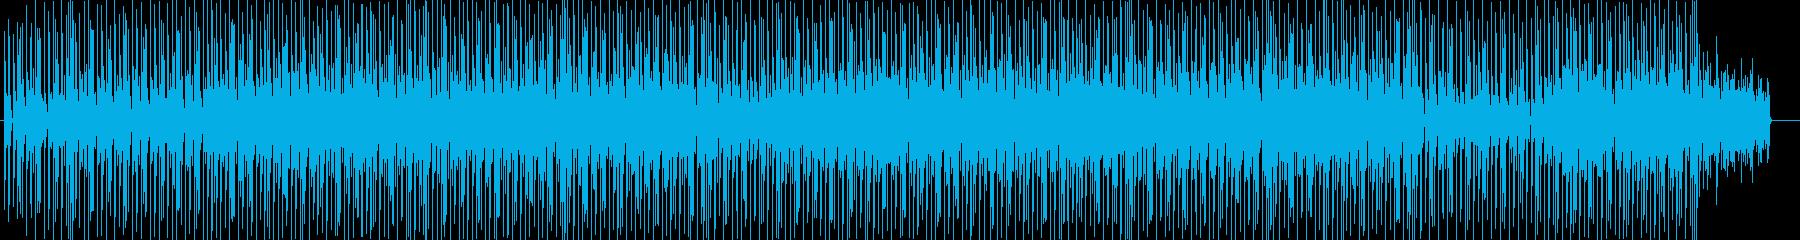 楽しいリズムシンセサイザーサウンドの再生済みの波形